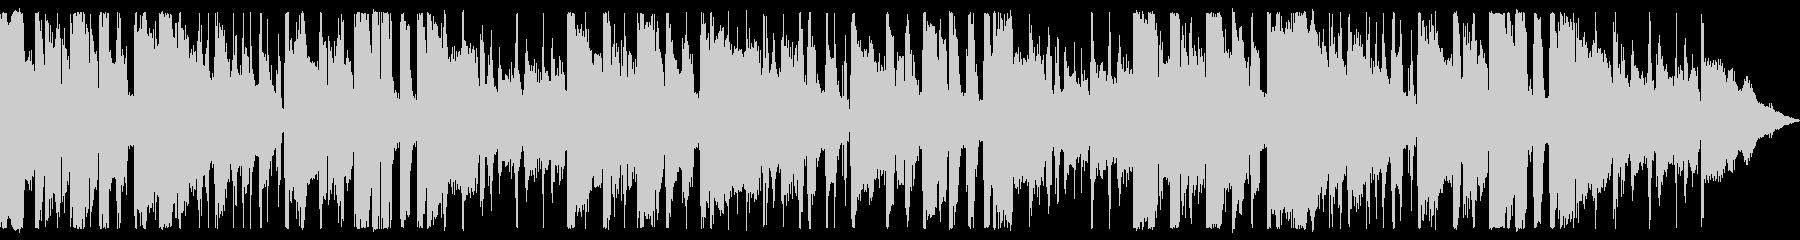 ジャズとポップの中間に位置するこの...の未再生の波形